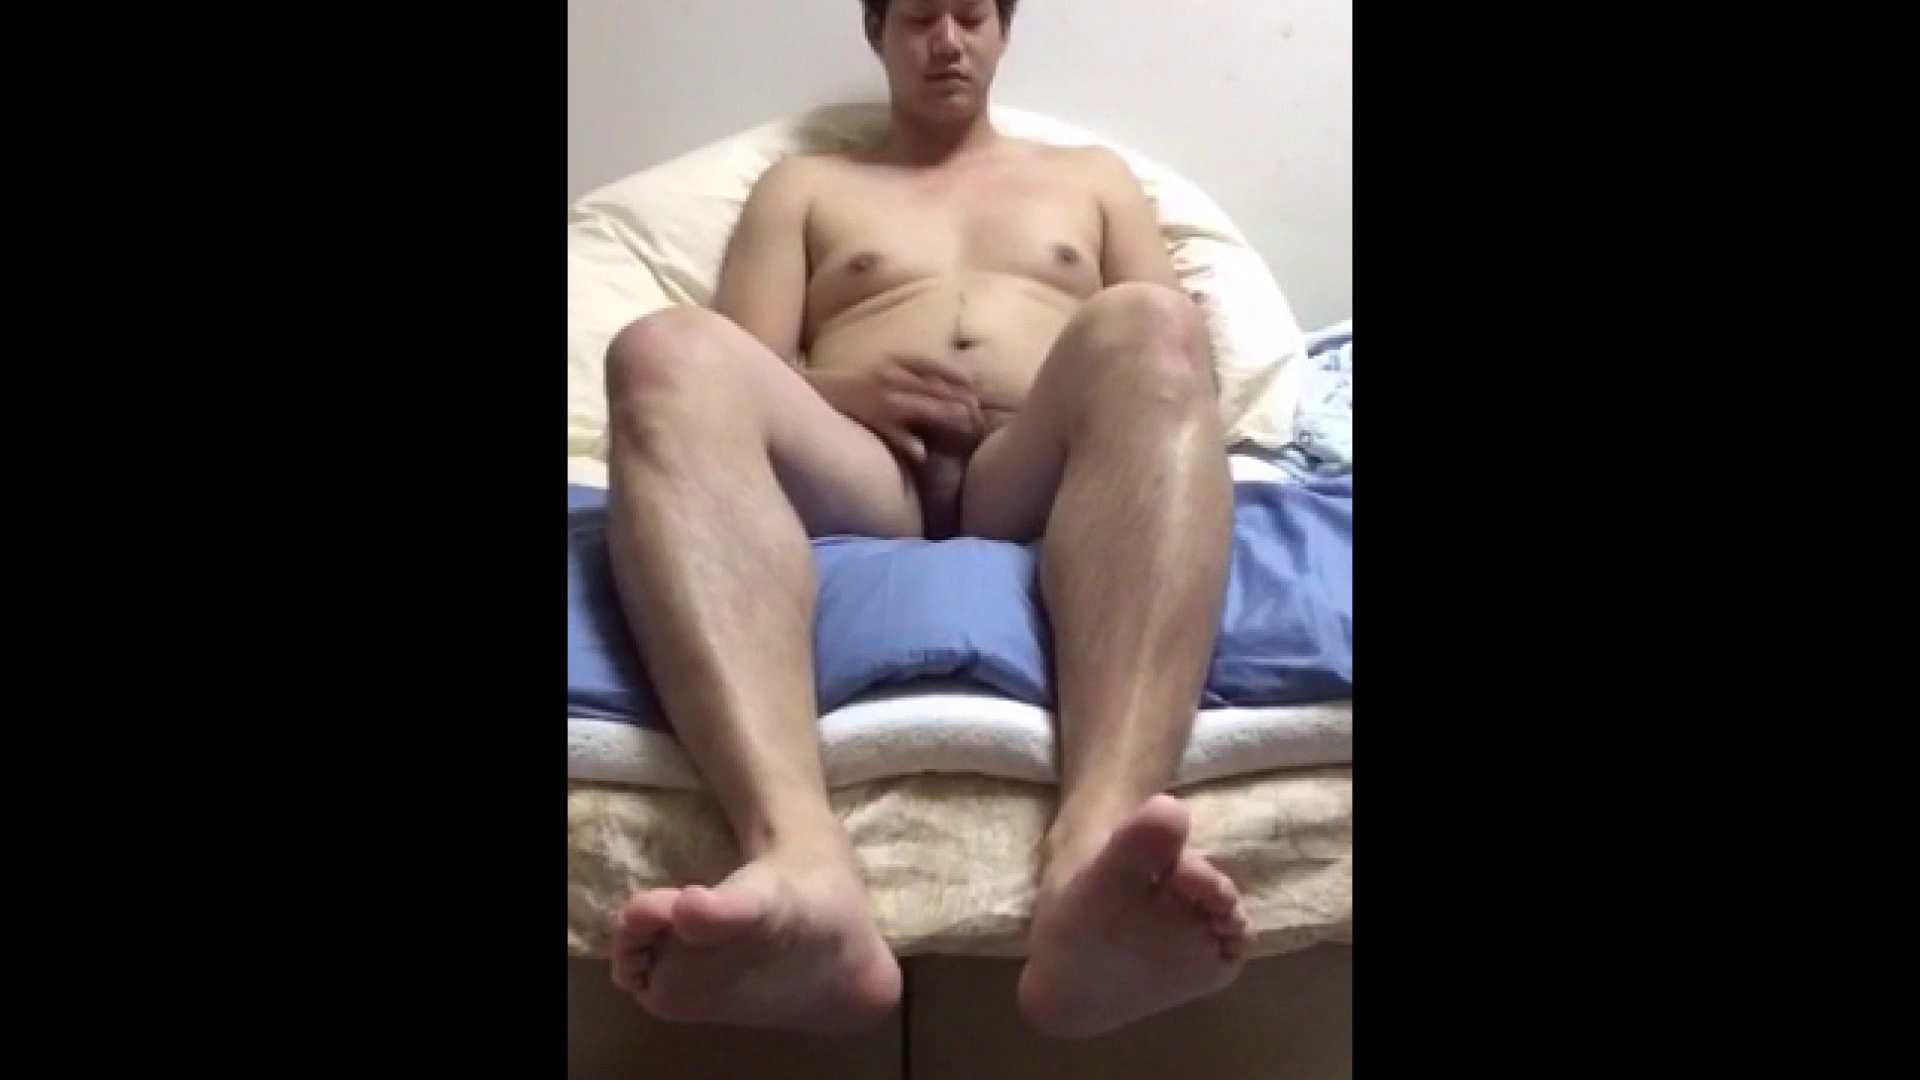 個人撮影 自慰の極意 Vol.18 オナニー専門男子 ゲイアダルト画像 76画像 58